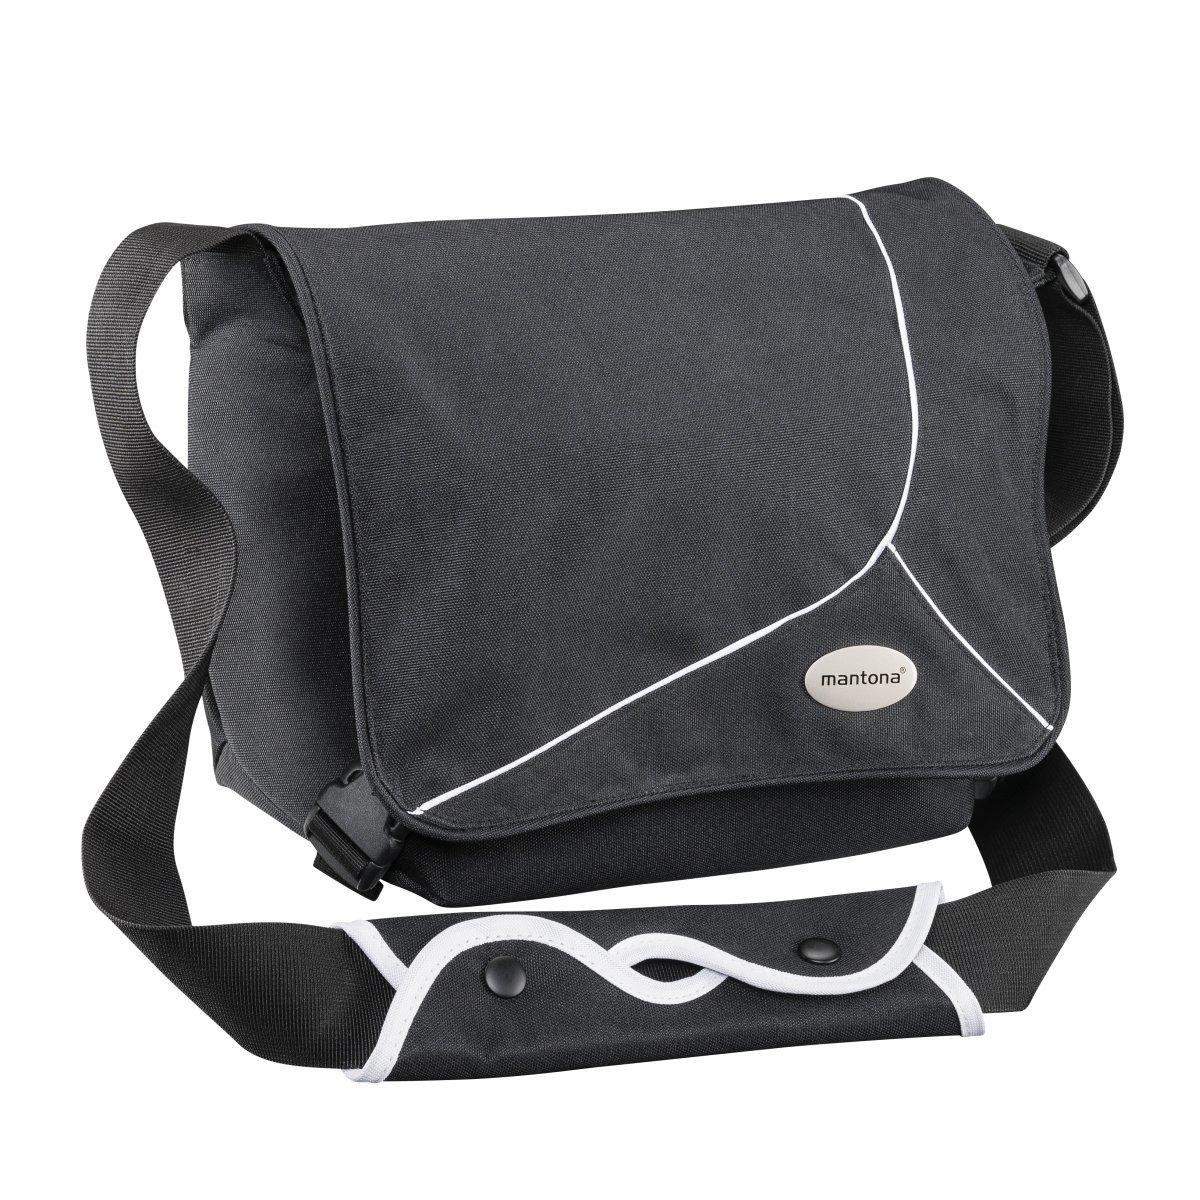 [Amazon Prime] Mantona Mondstein SLR-Kameratasche (Messenger Bag, Universaltasche) schwarz/weiß für 19€